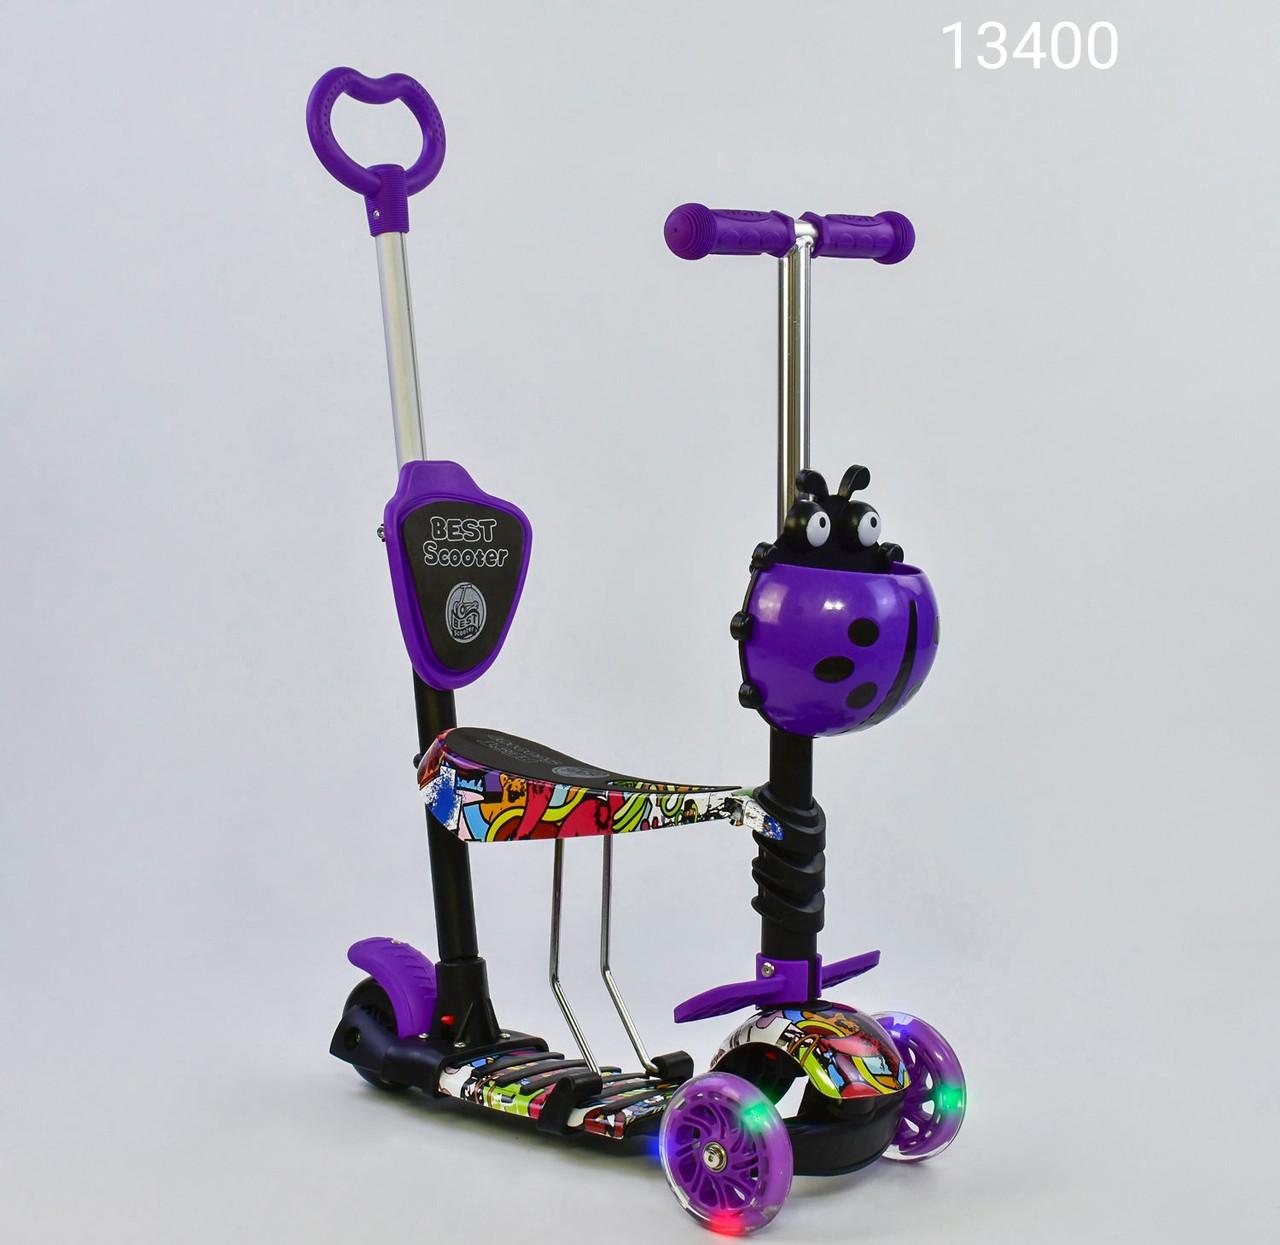 Самокат Best Scooter K 5 в 1 с ручкой 13400